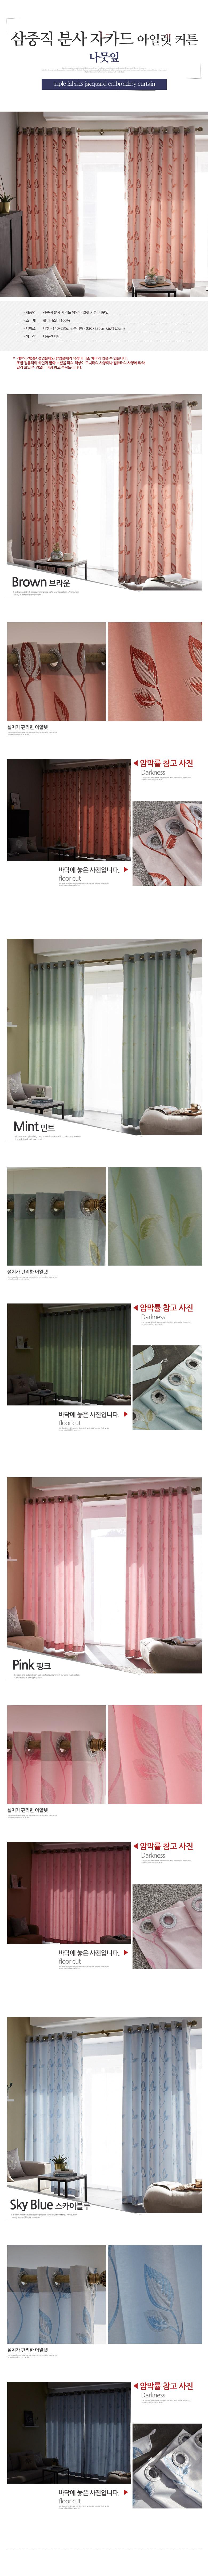 삼중직 분사 자카드 암막 아일렛 나뭇잎 커튼 - 바이데코, 24,000원, 암막커튼, 패턴